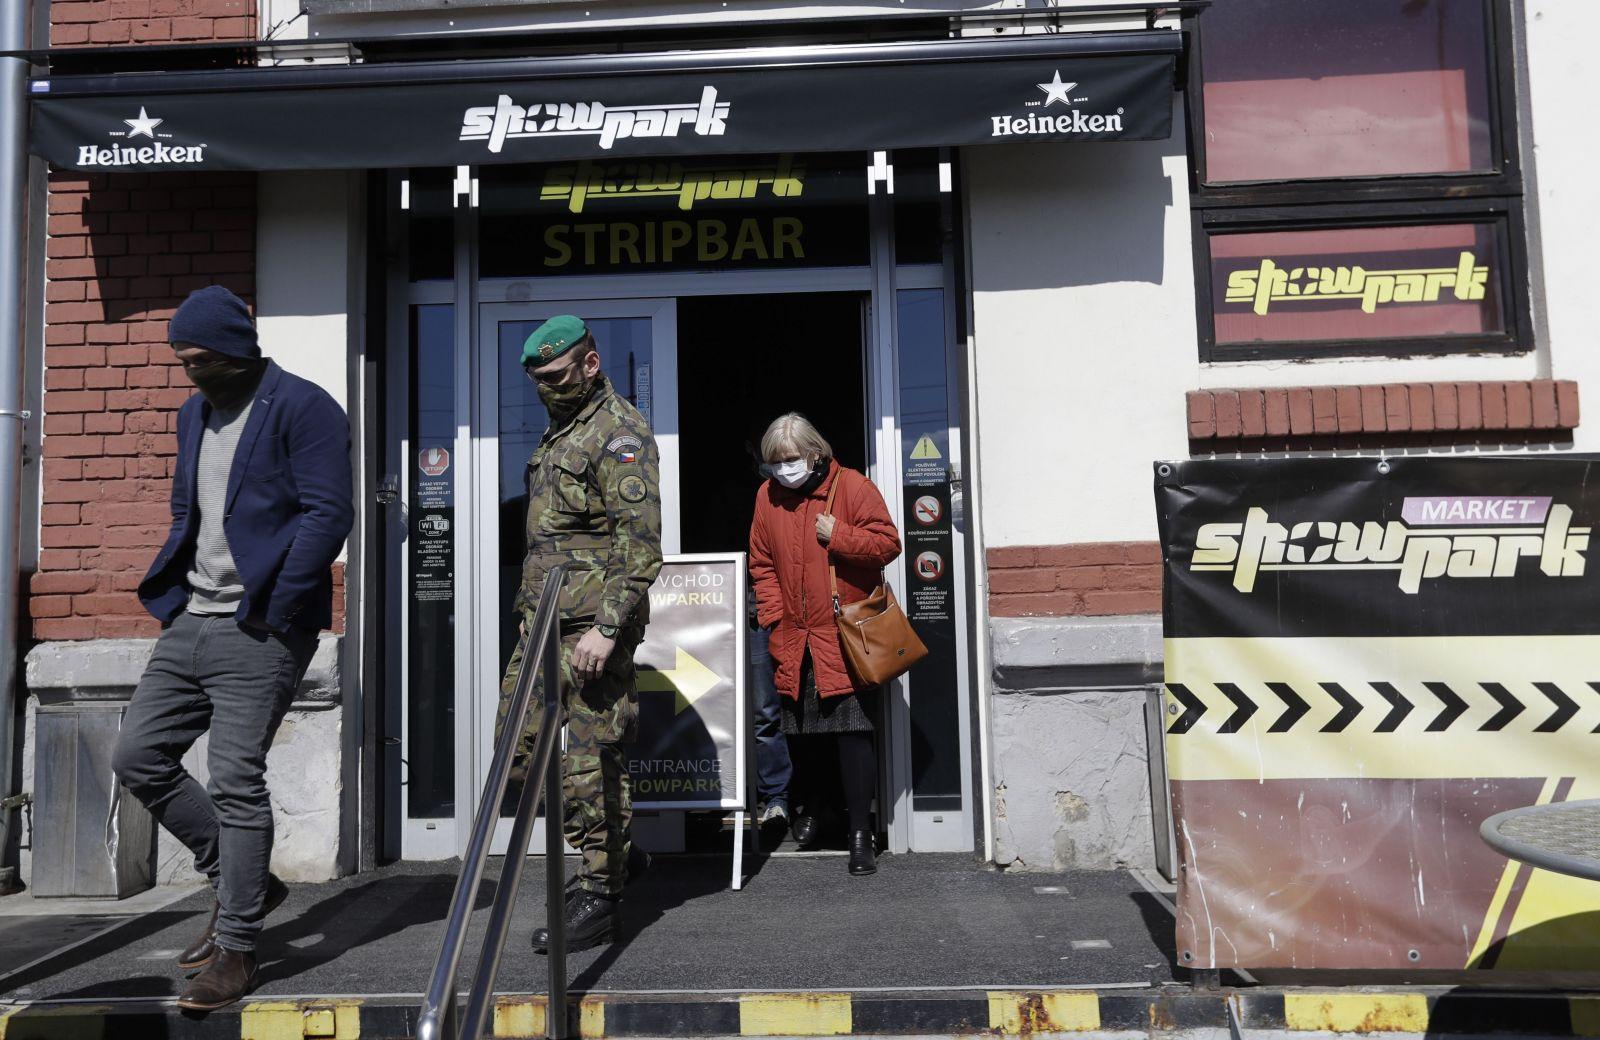 Pražský nevěstinec měl sloužit jako noclehárna pro lidi bez domova, ale nevyhovuje. Ubytují je prý na stadionu Strahov